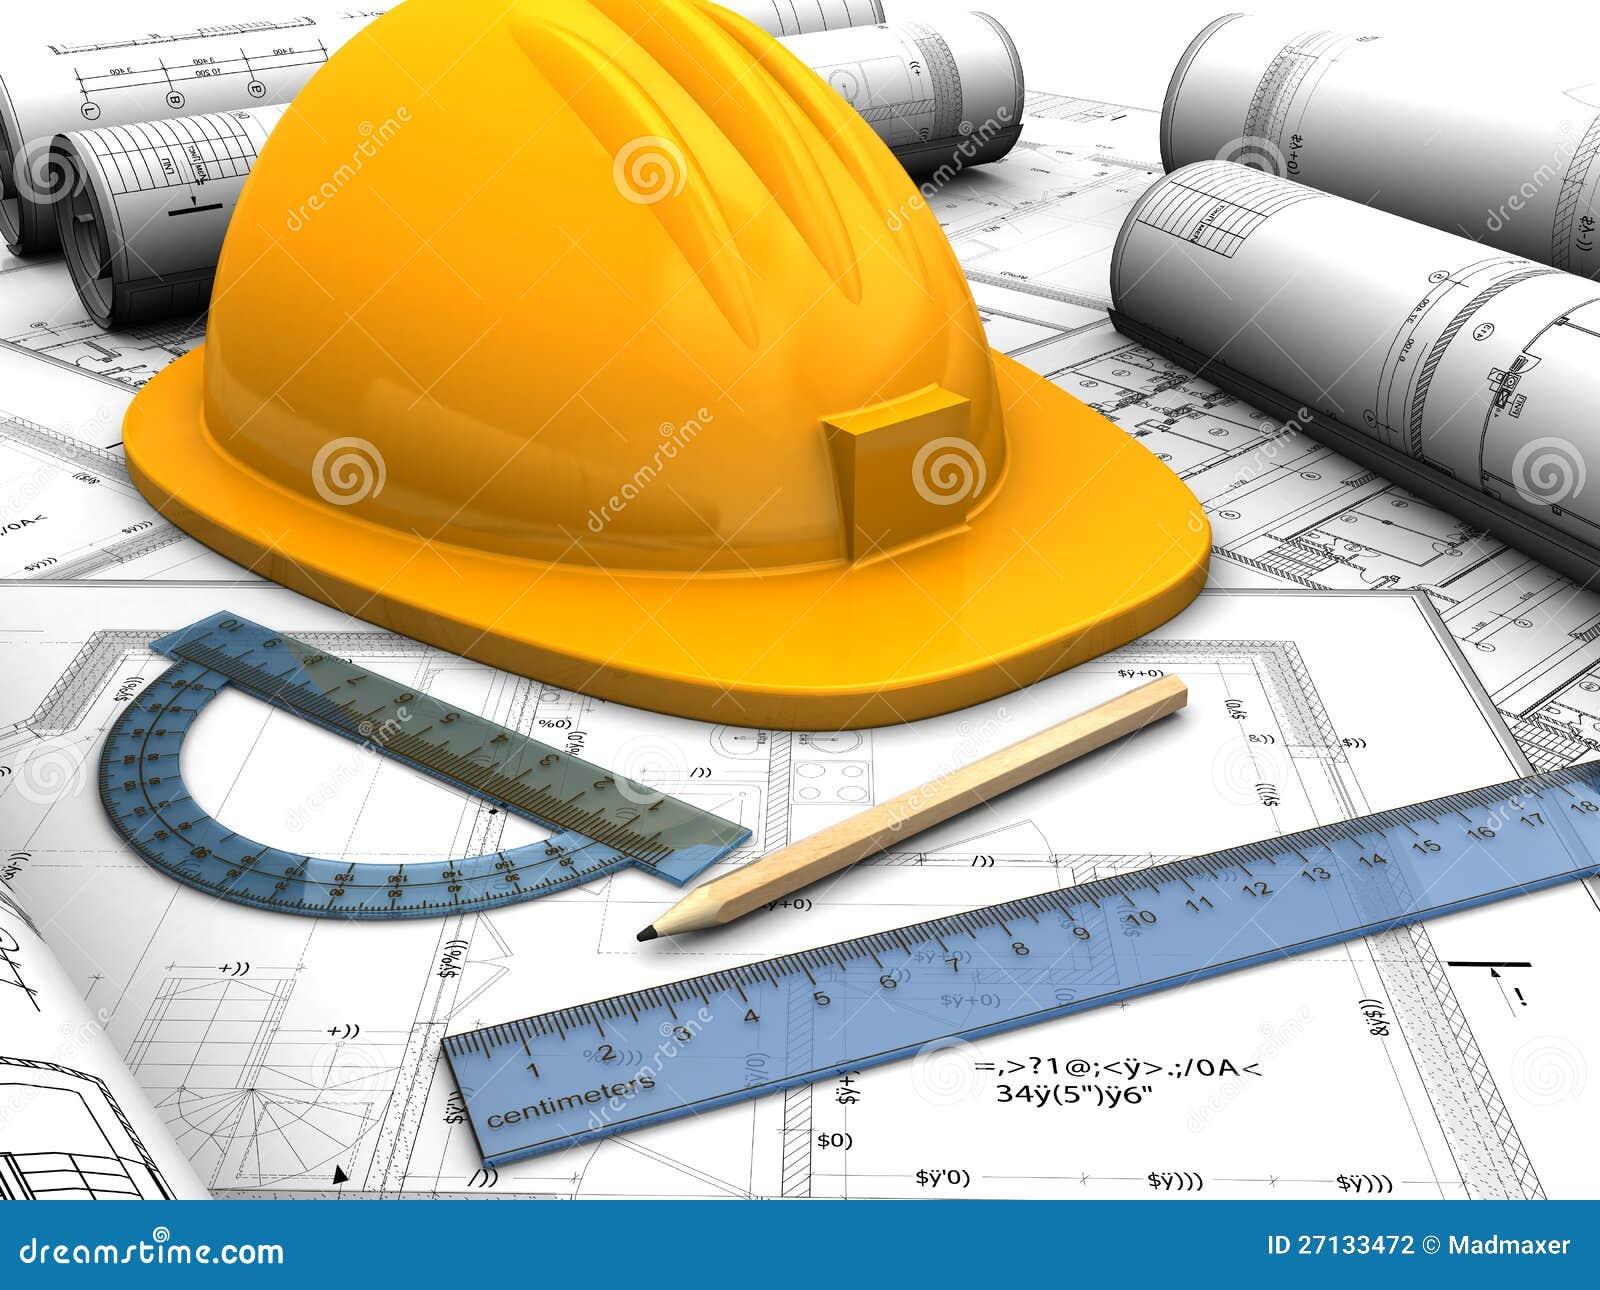 Programma industriale illustrazione di stock for Programma architettura gratis